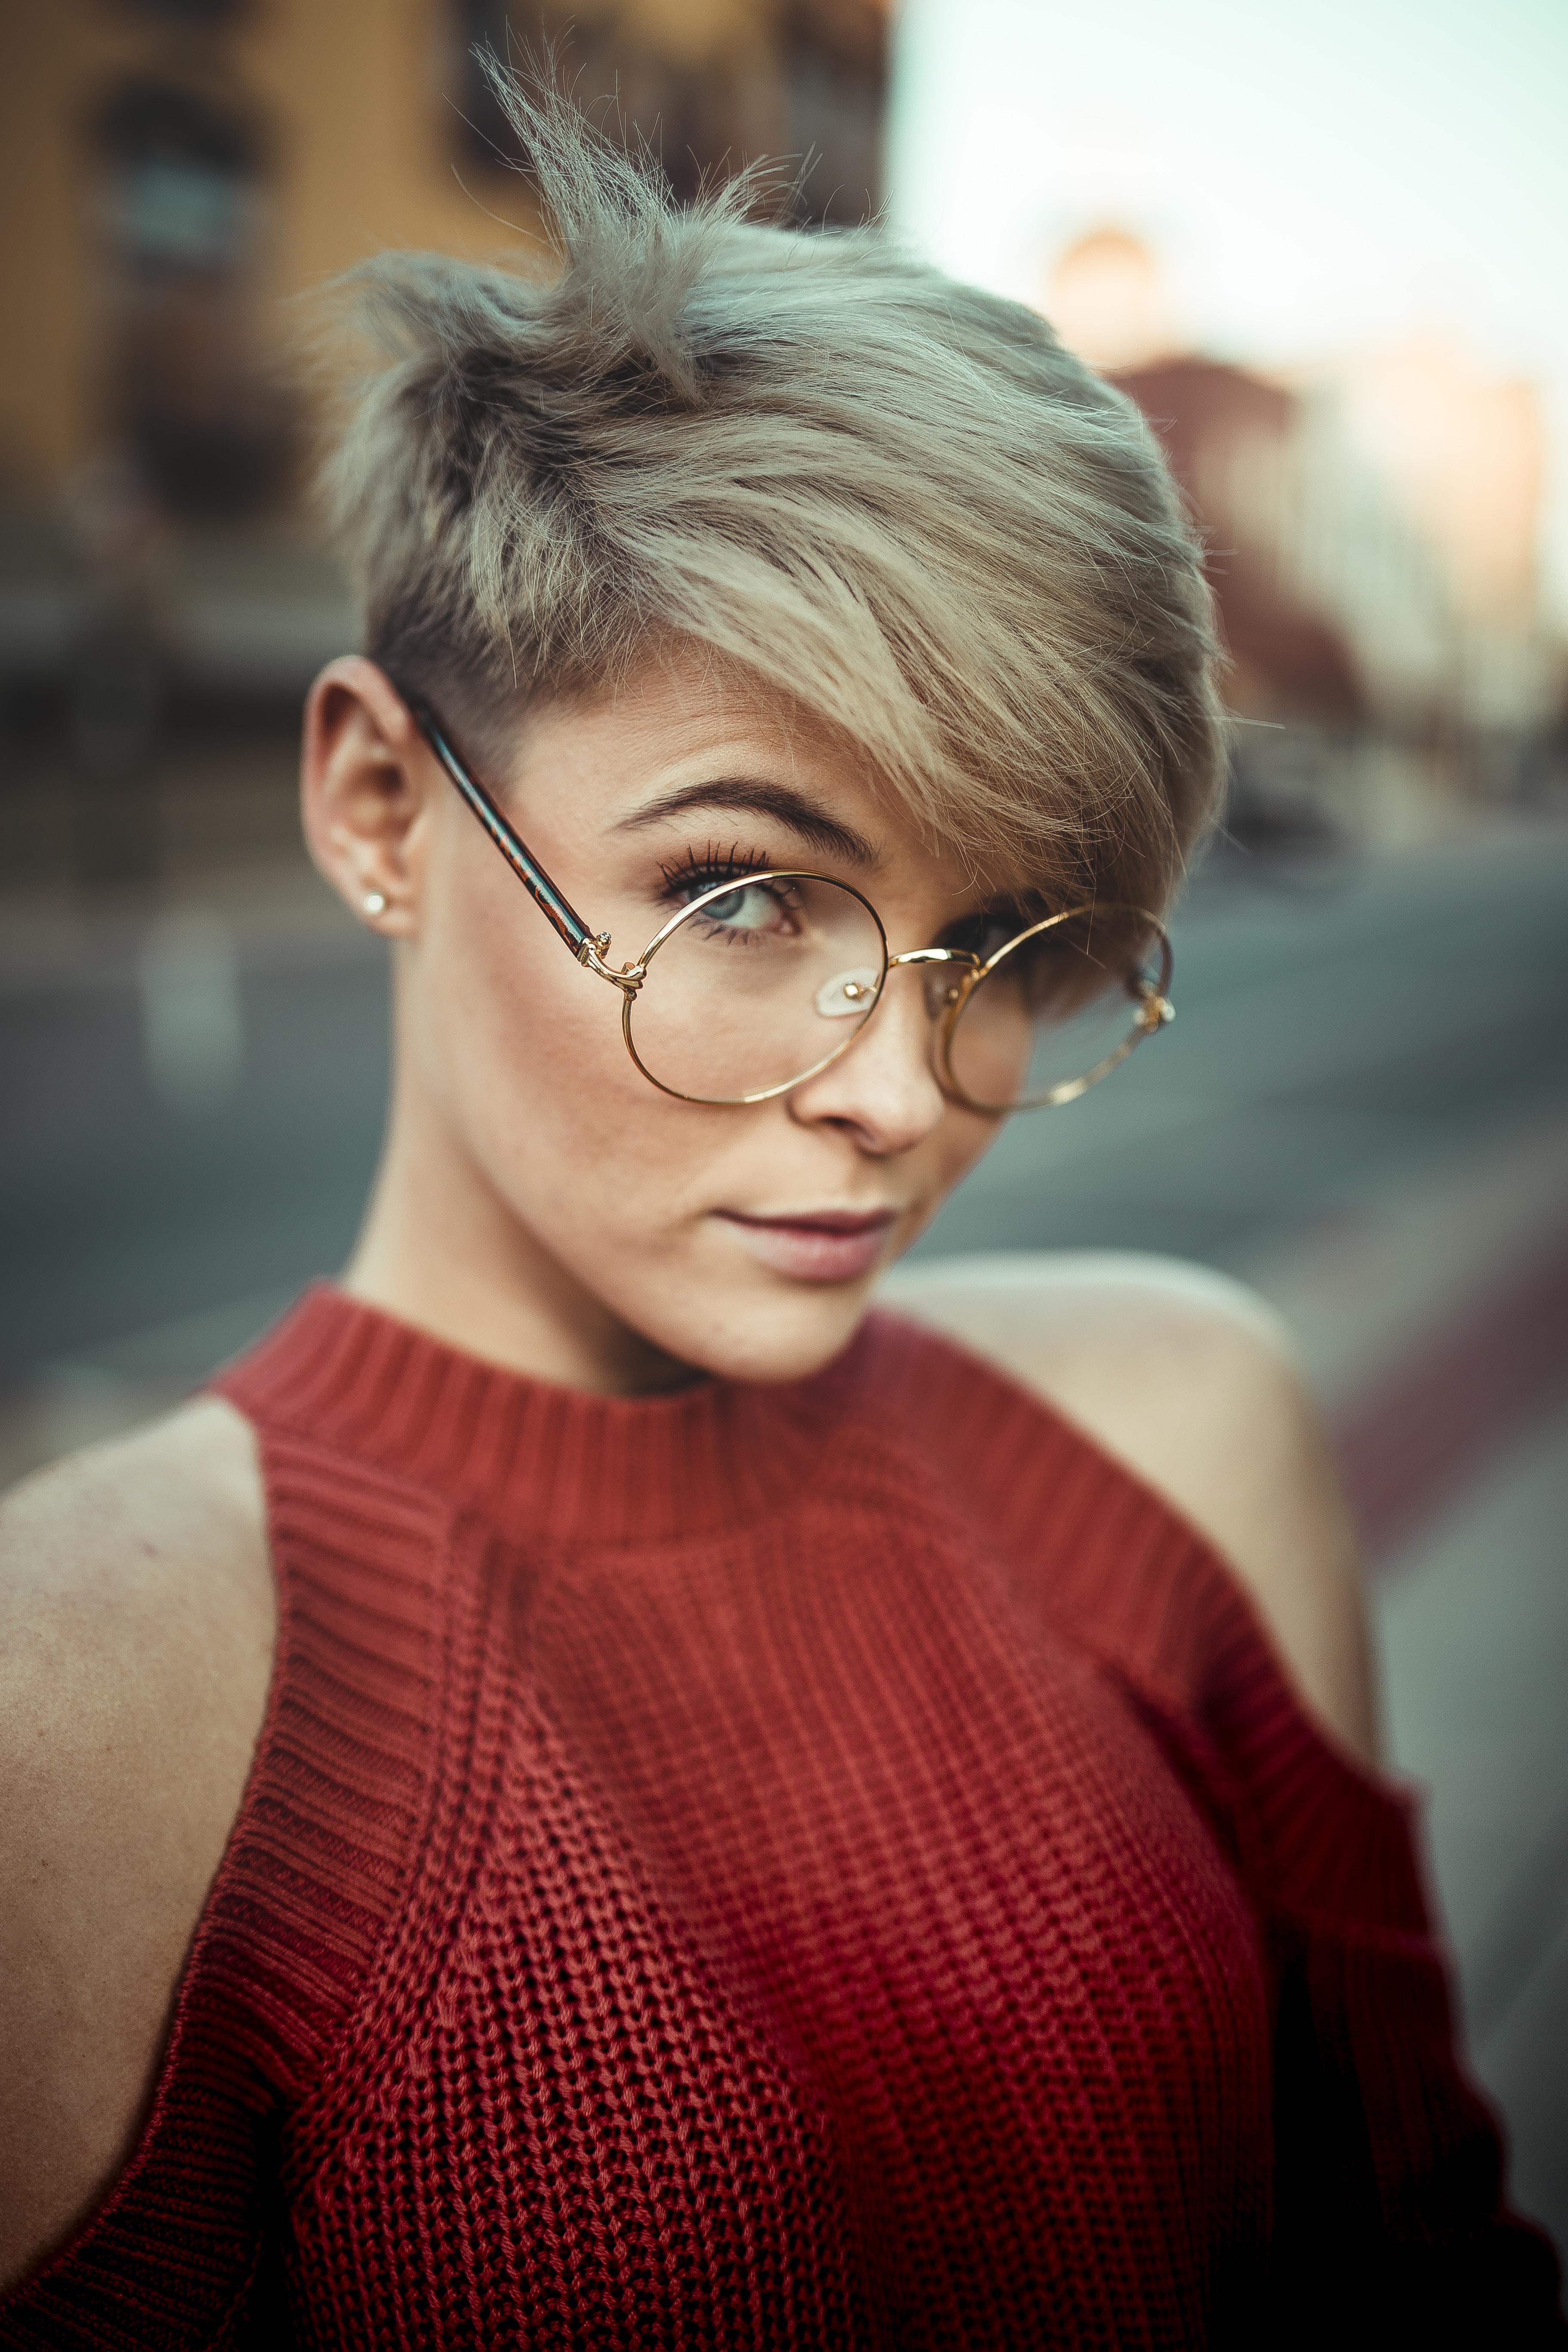 woman wearing round eyeglasses